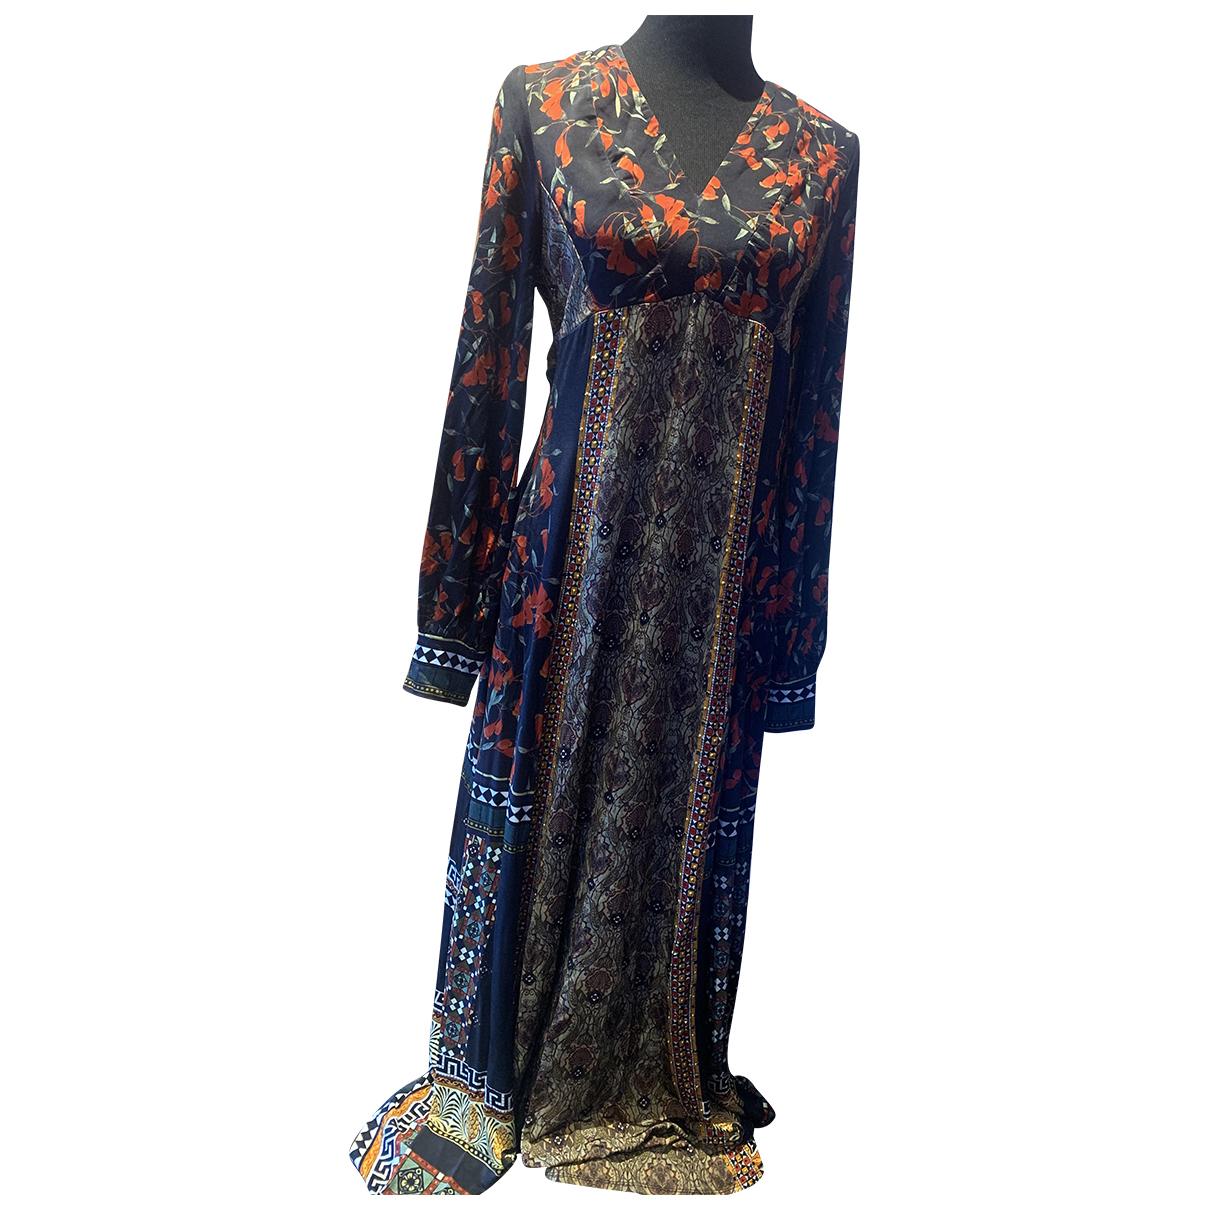 Camilla - Robe   pour femme - multicolore